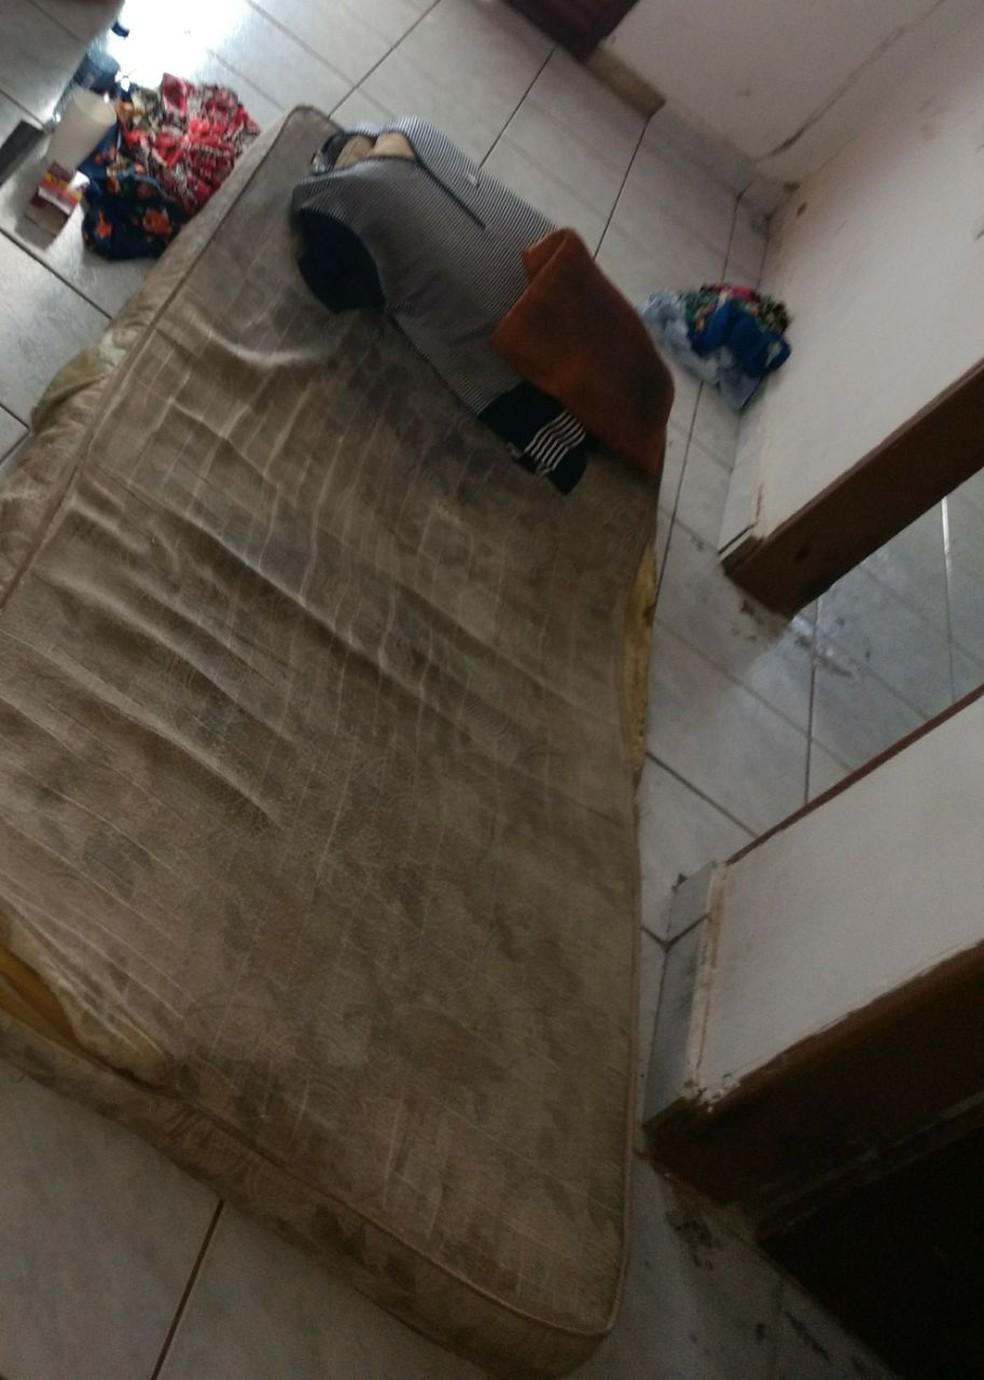 Colchão em que a idosa dormia estava com um 'odor muito forte de urina', diz delegada (Foto: Delegada Rosane Gomes/DEAI)